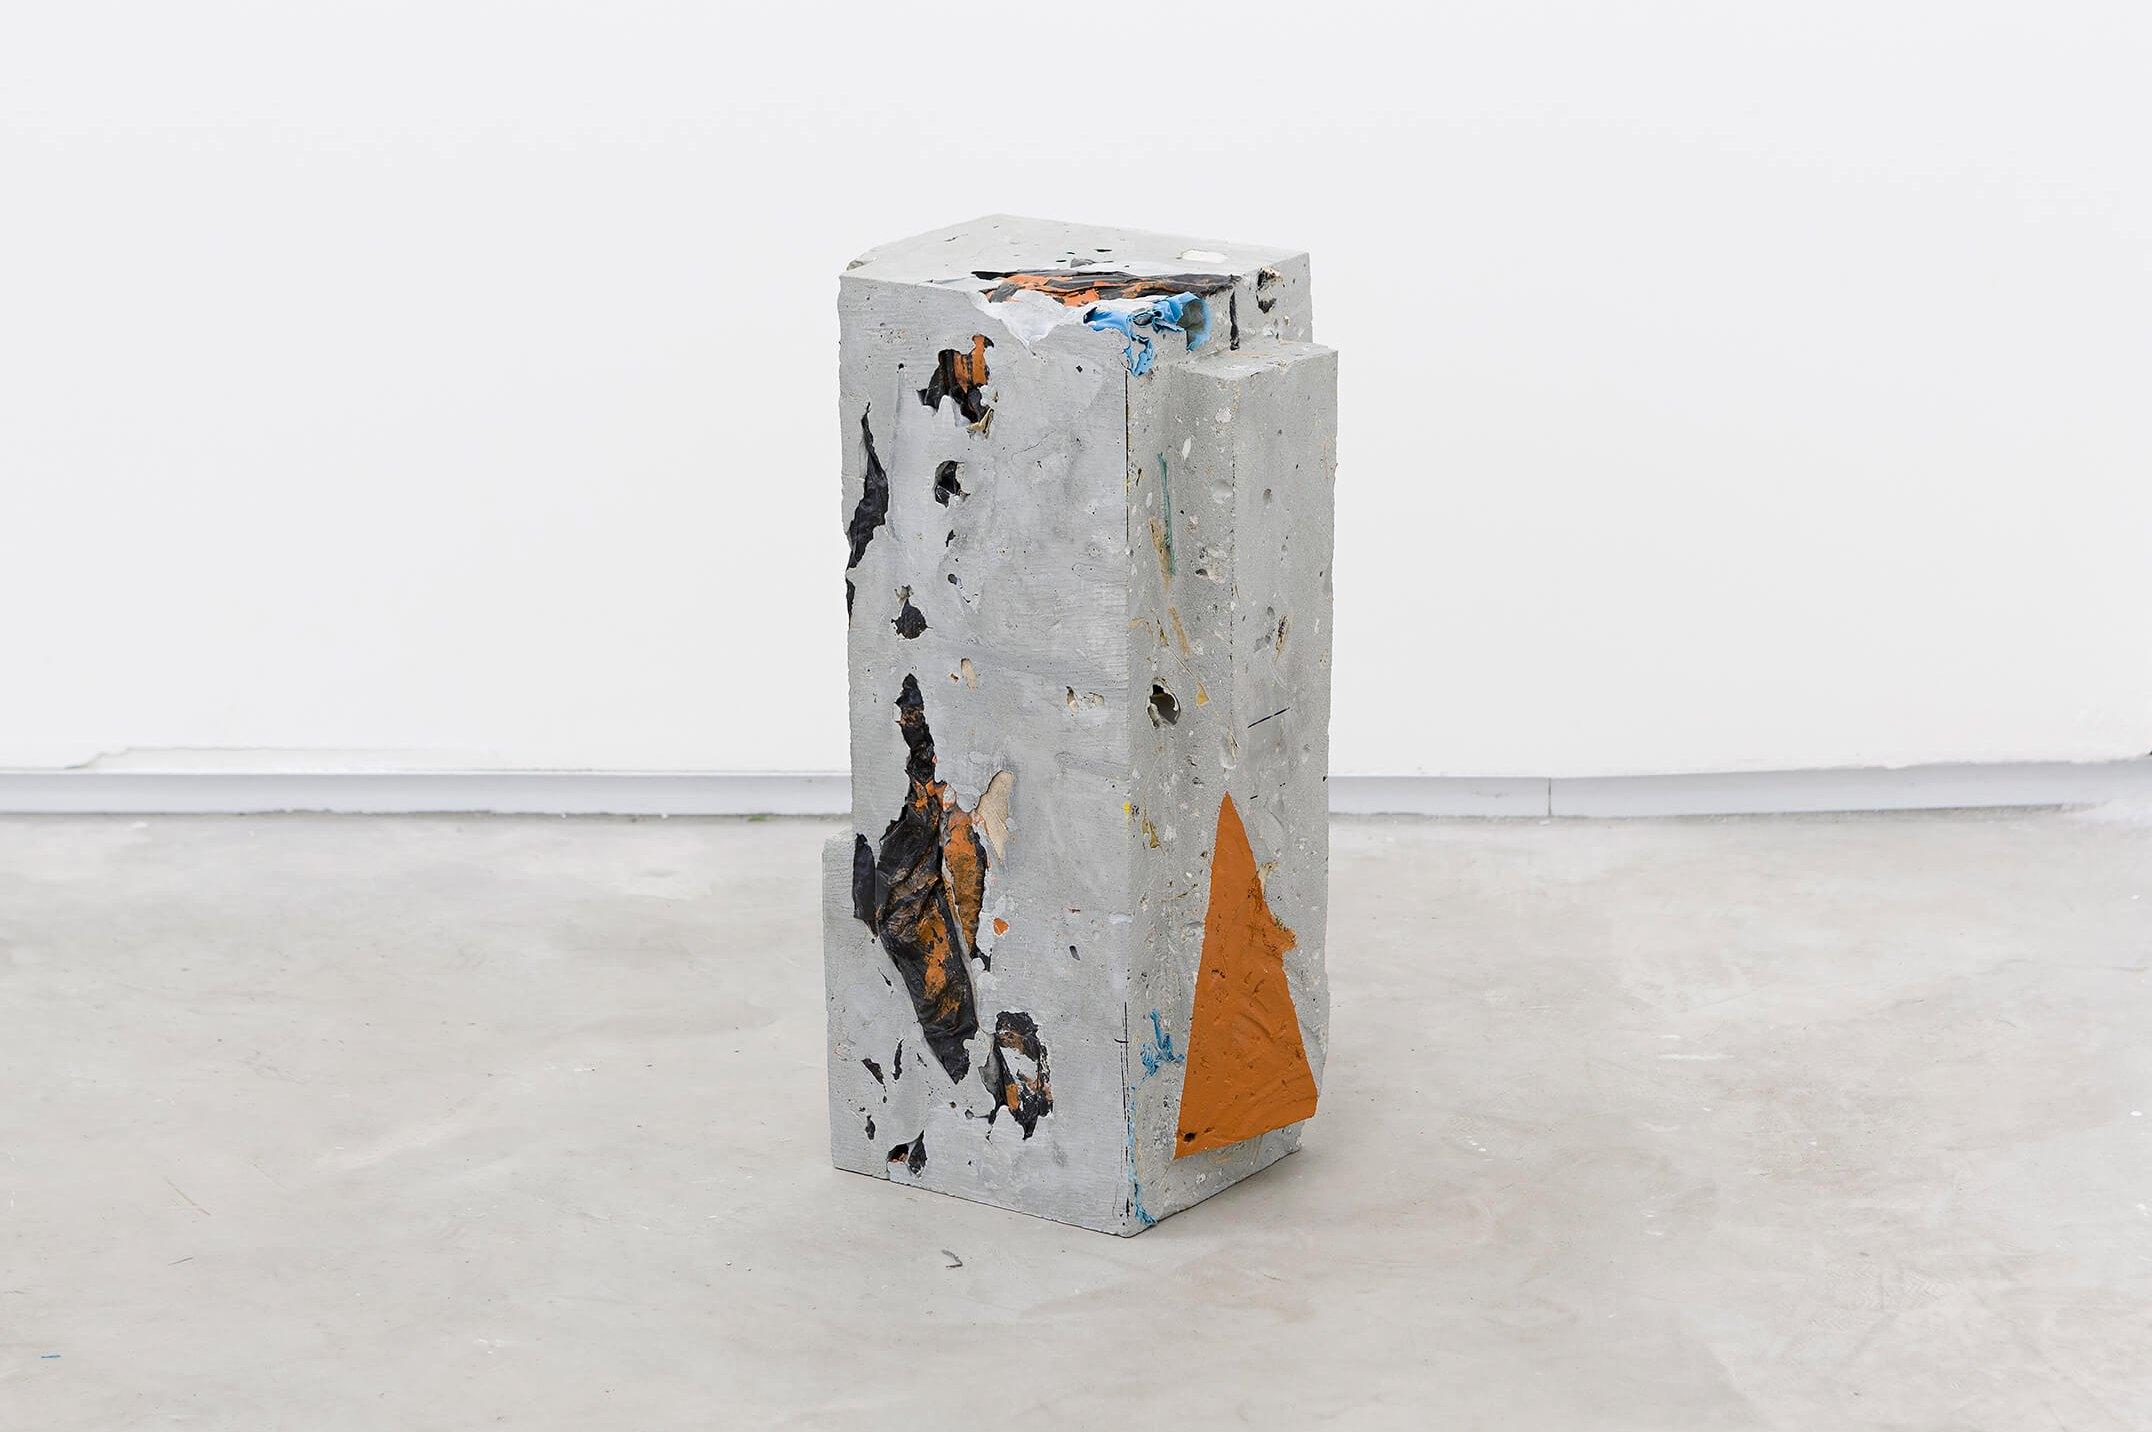 Allyson Vieira, <em>Block 3</em>, 2015, concrete, <em>Worker</em> scraps, concrete blocks, epoxy, 39 × 15 × 19 cm - Mendes Wood DM